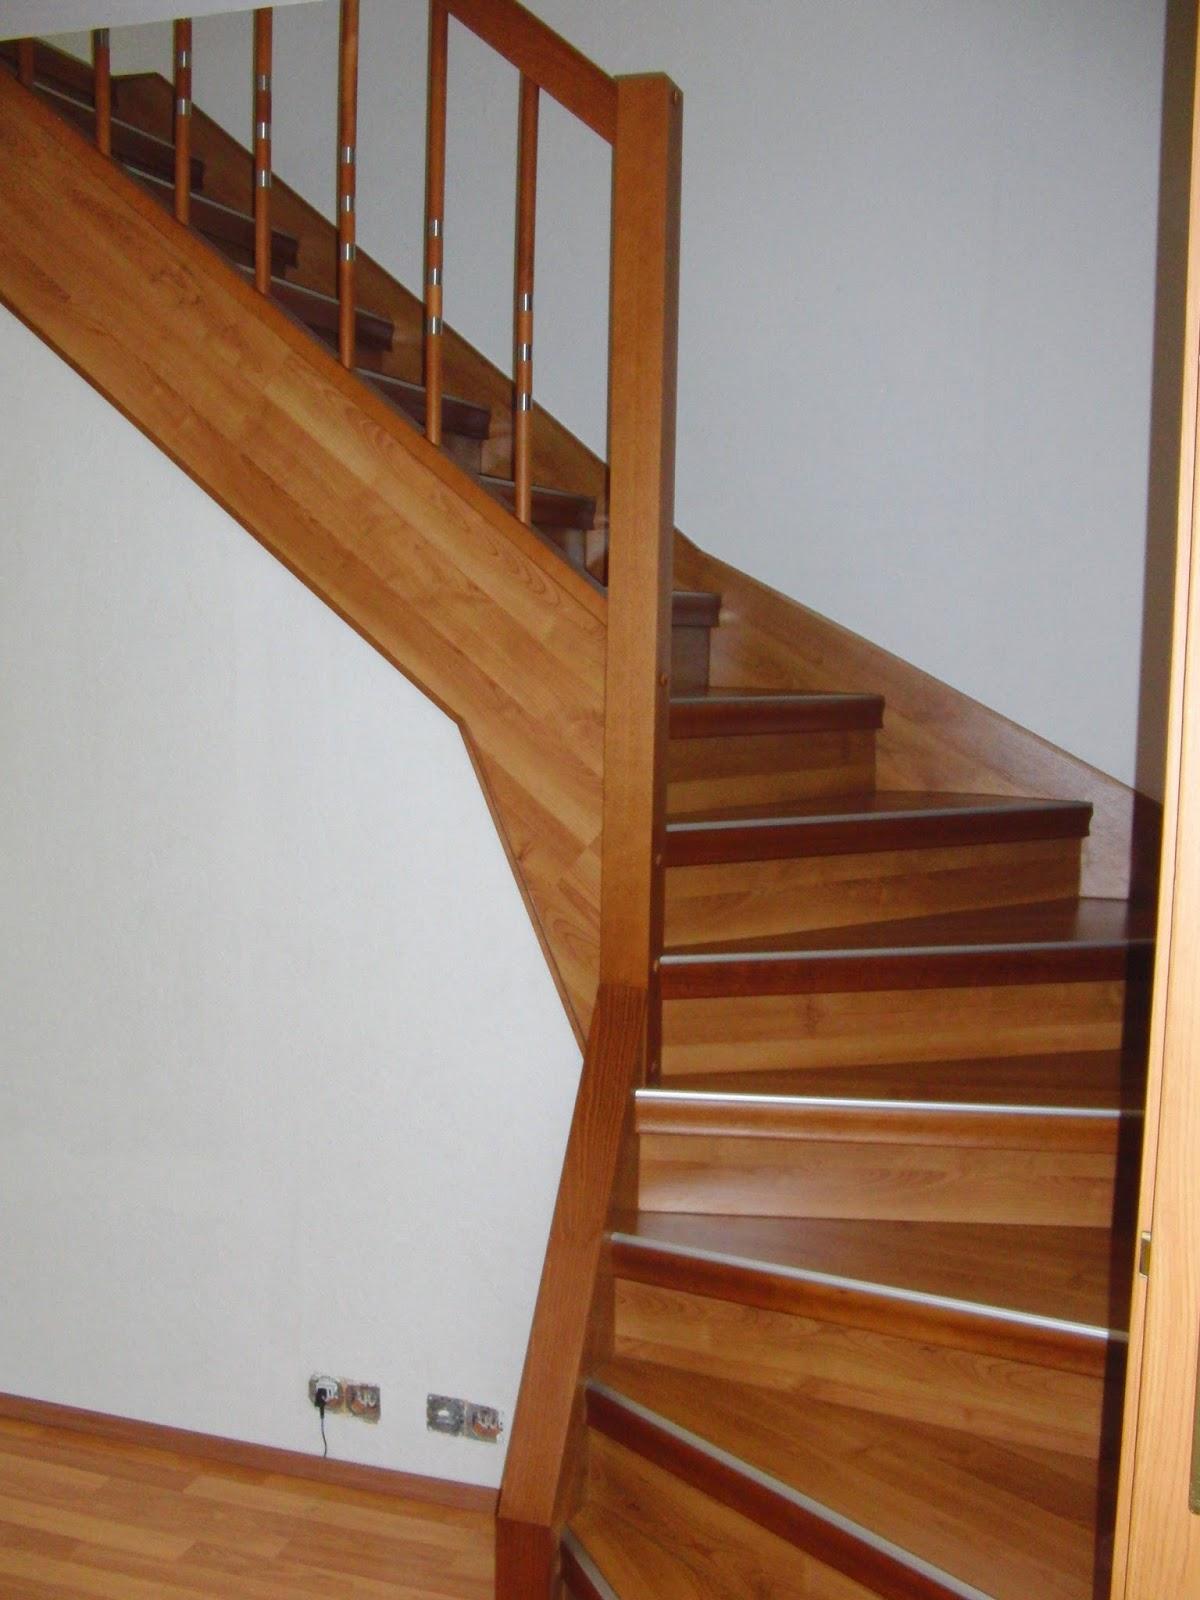 Treppenrenovierung - Treppengeländer Holz-Edelstahl